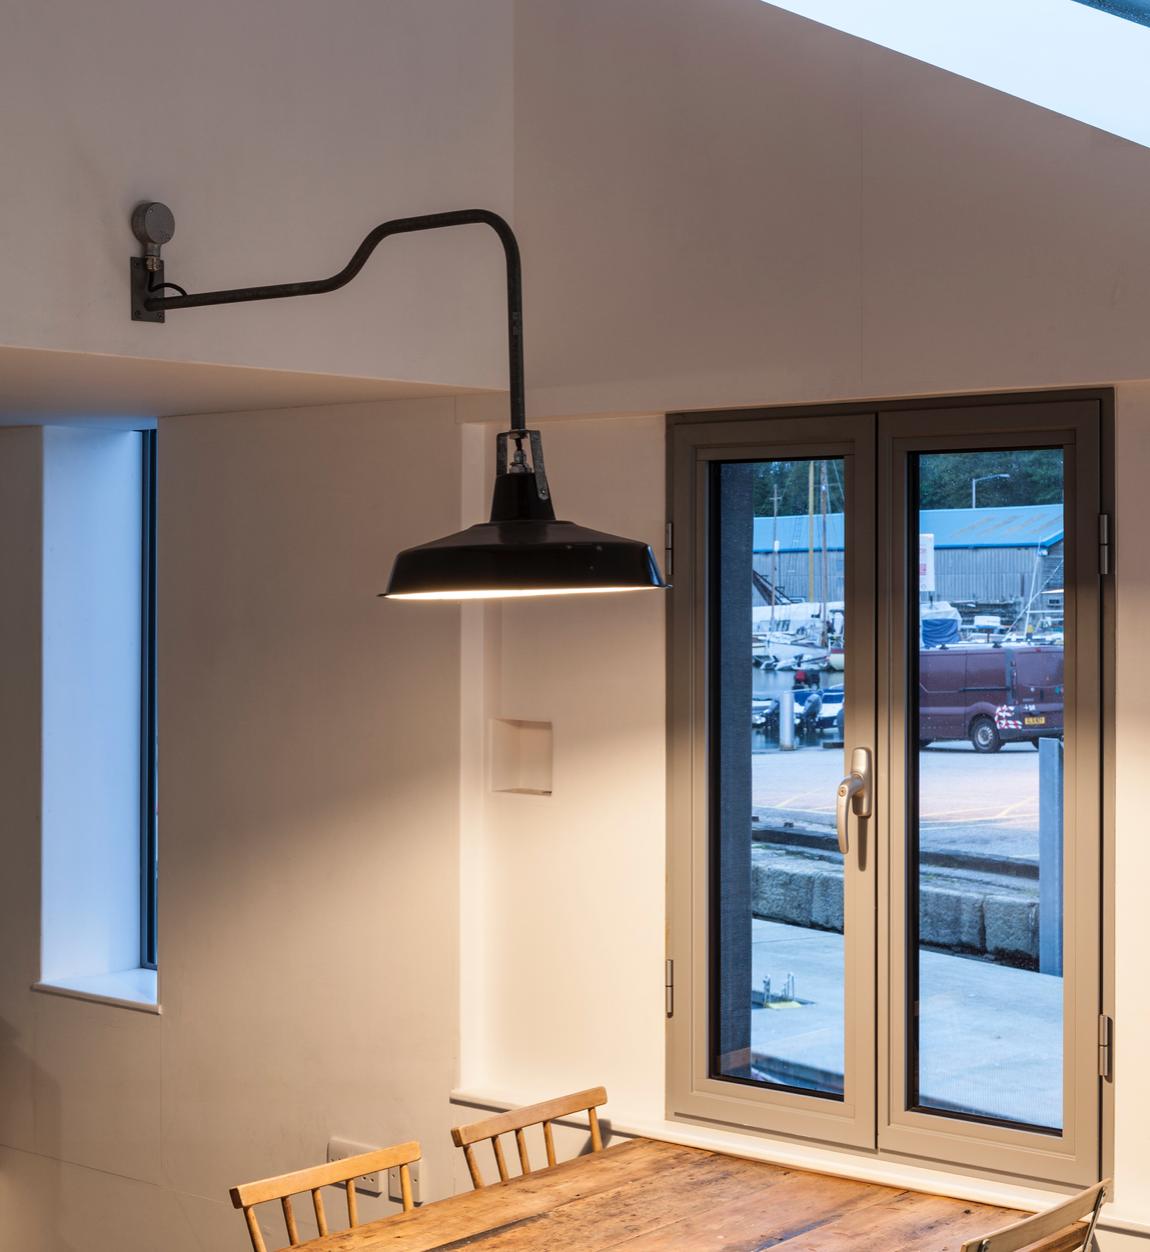 eleanor-bell-designer-maker-bespoke-lighting-crane-led-light.jpg